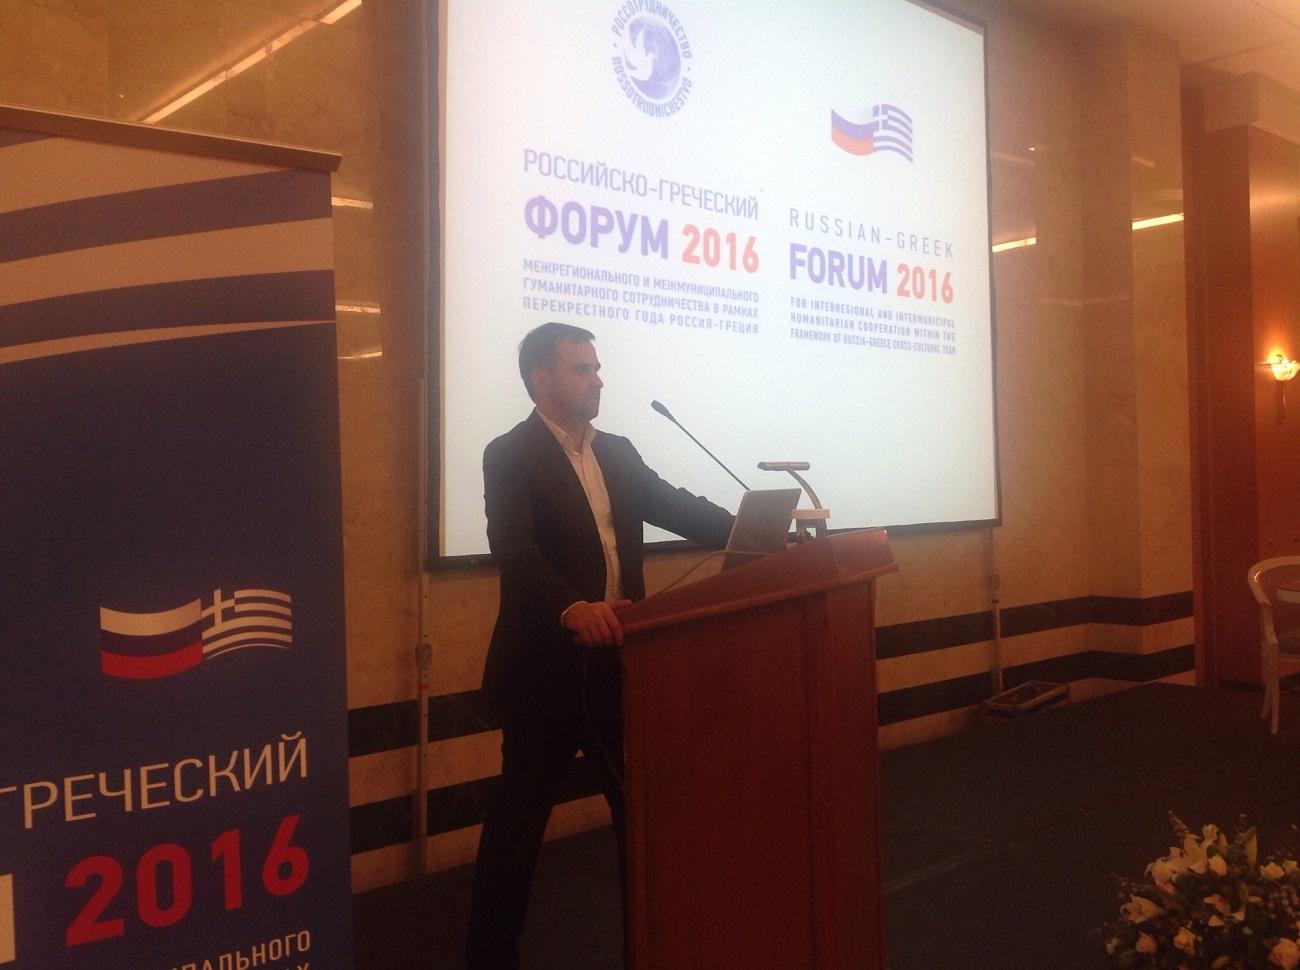 Виктор Колбановски истакао је растућу улогу коју невладине организације имају у развоју билатералних односа између Русије и земаља Балканског региона.